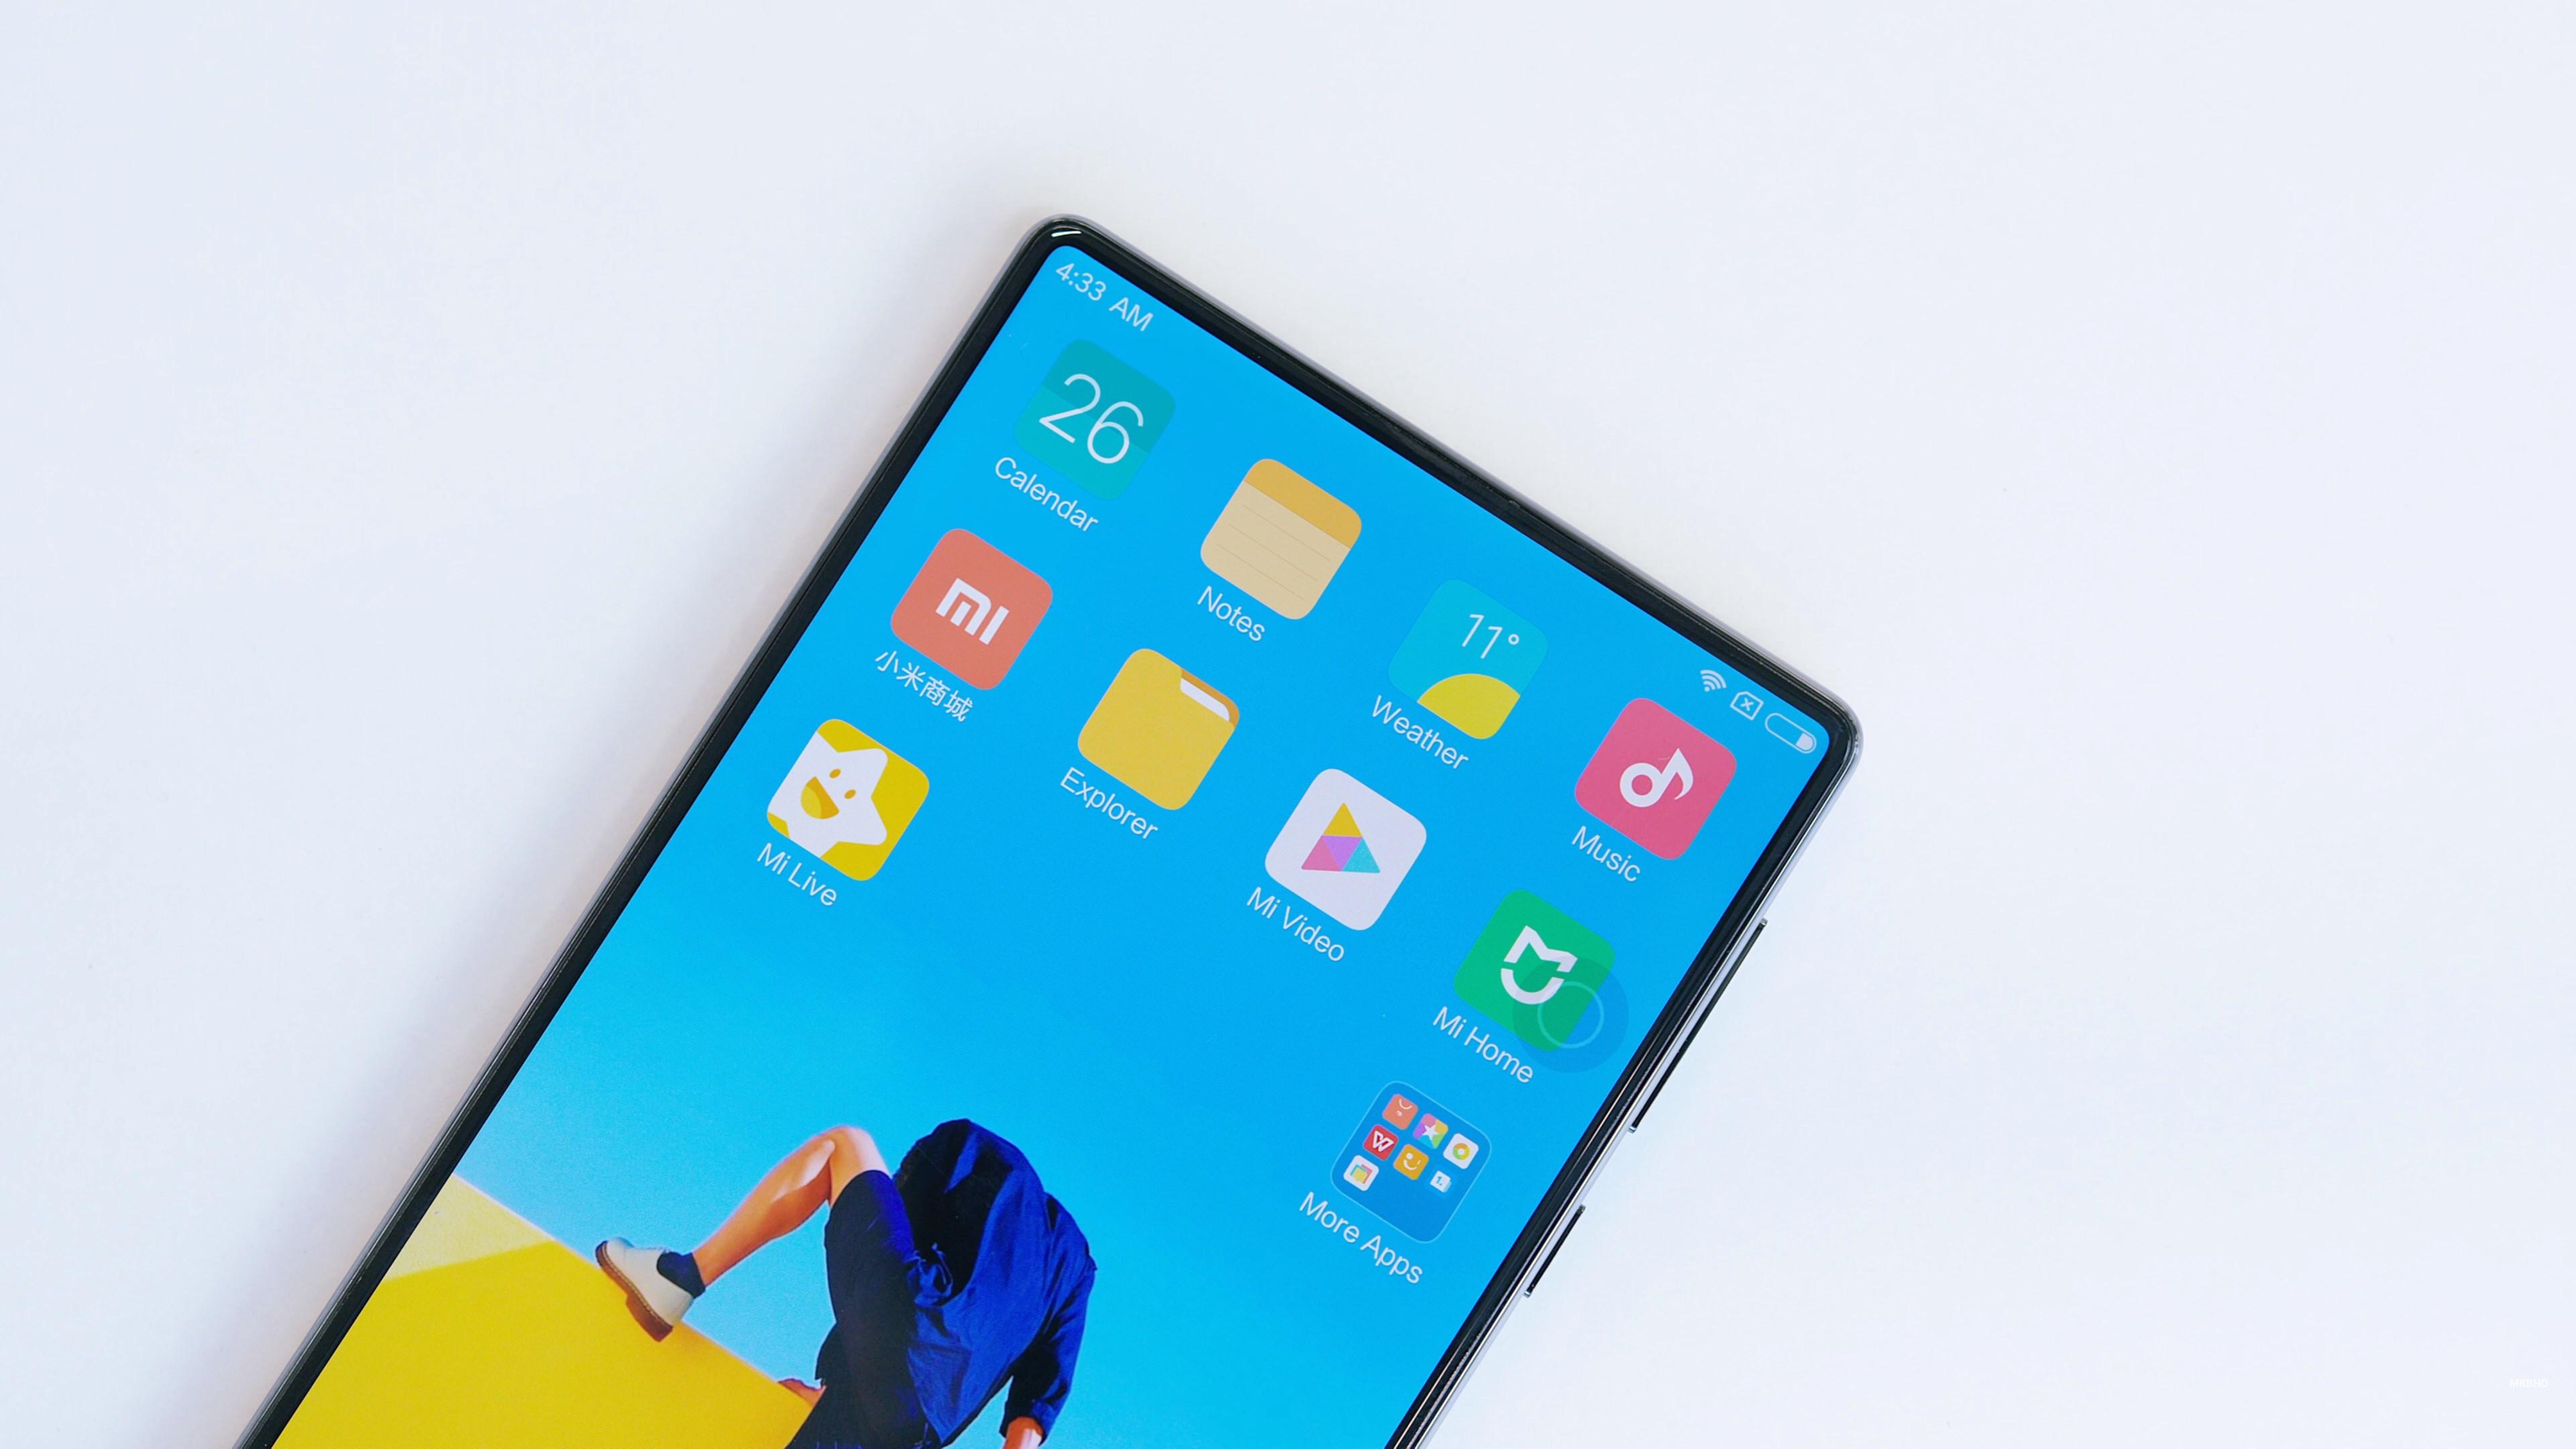 L'écran du Xiaomi Mi MIX a plus de marges qu'annoncé par le fabricant